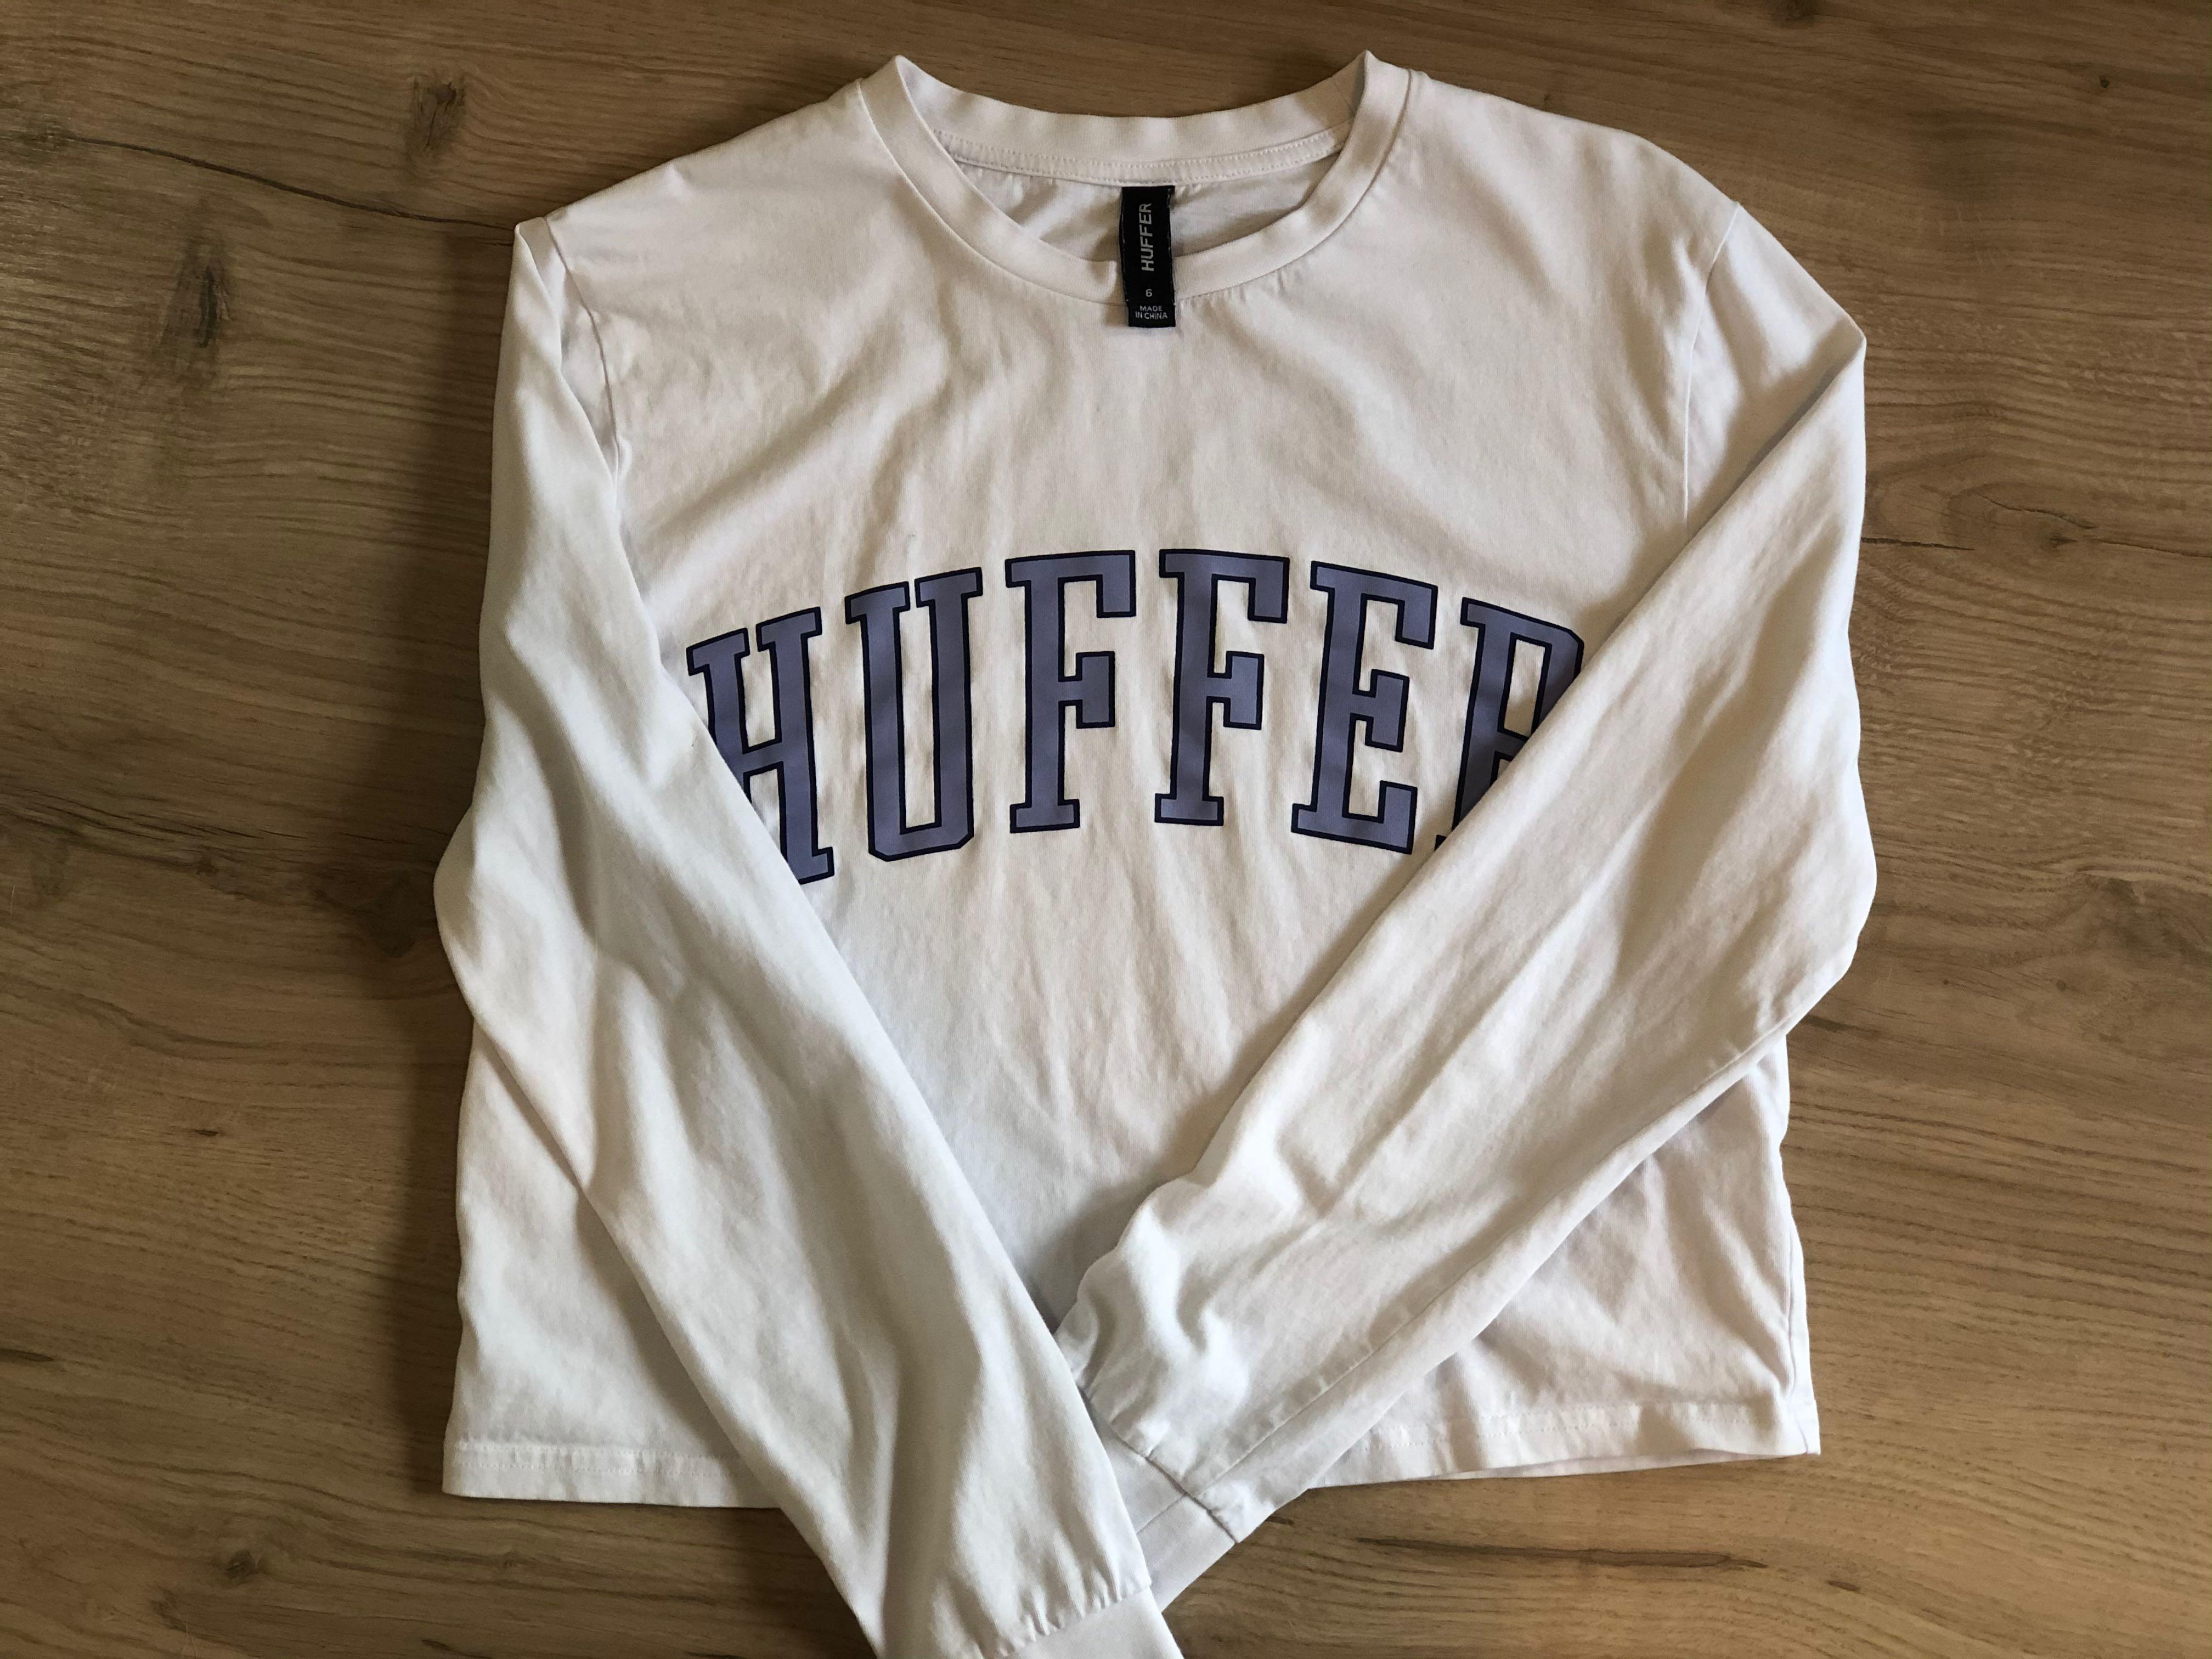 Huffer Crop top